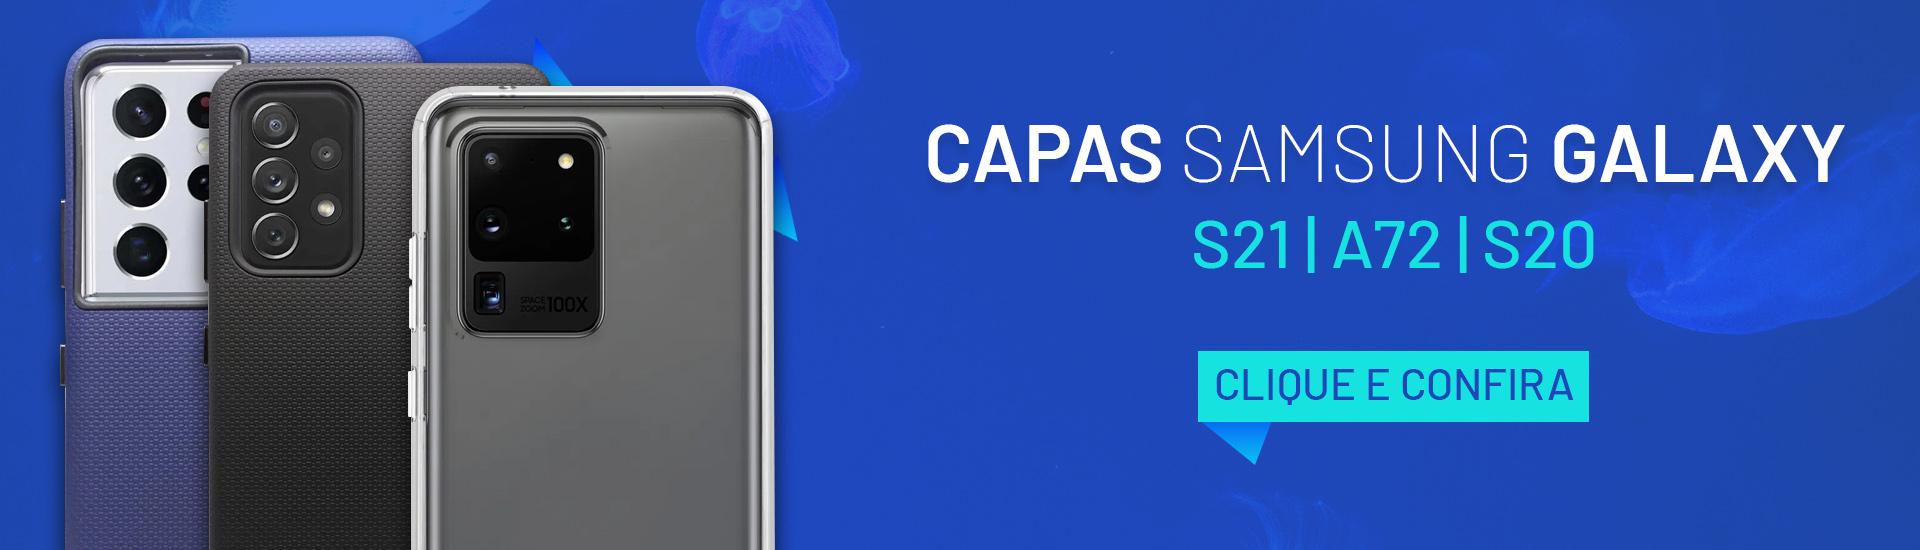 03 Banner Samsung | Desktop 1920x550